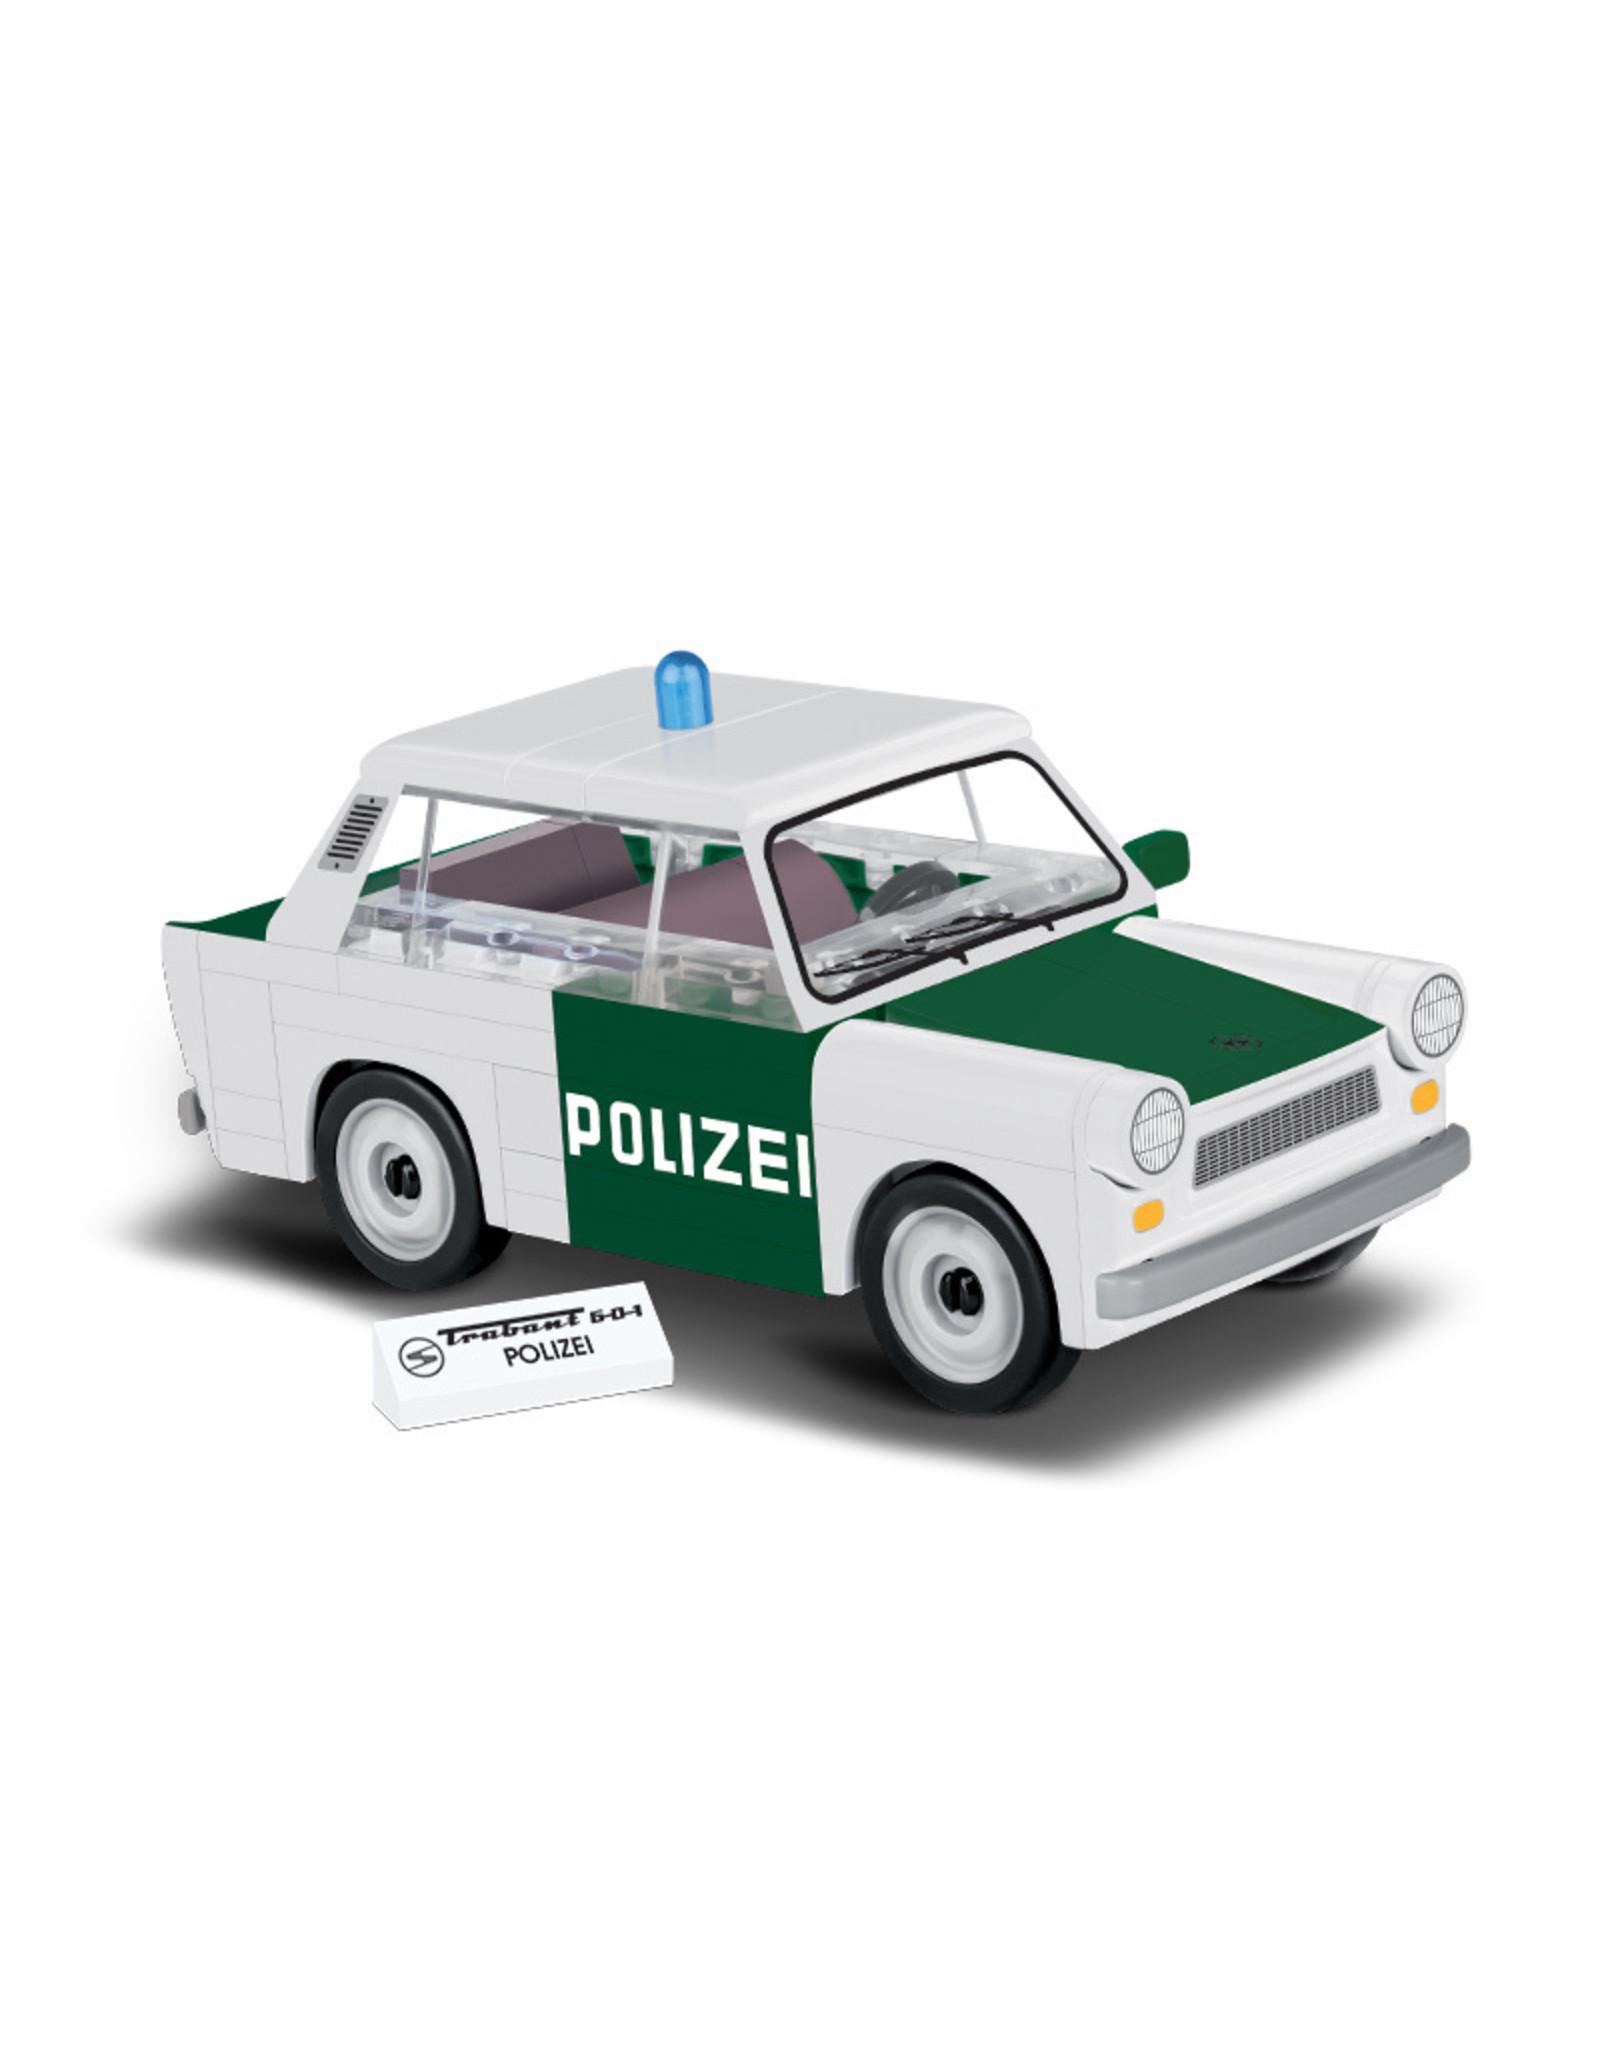 COBI COBI 24541 - Trabant 601 Politie